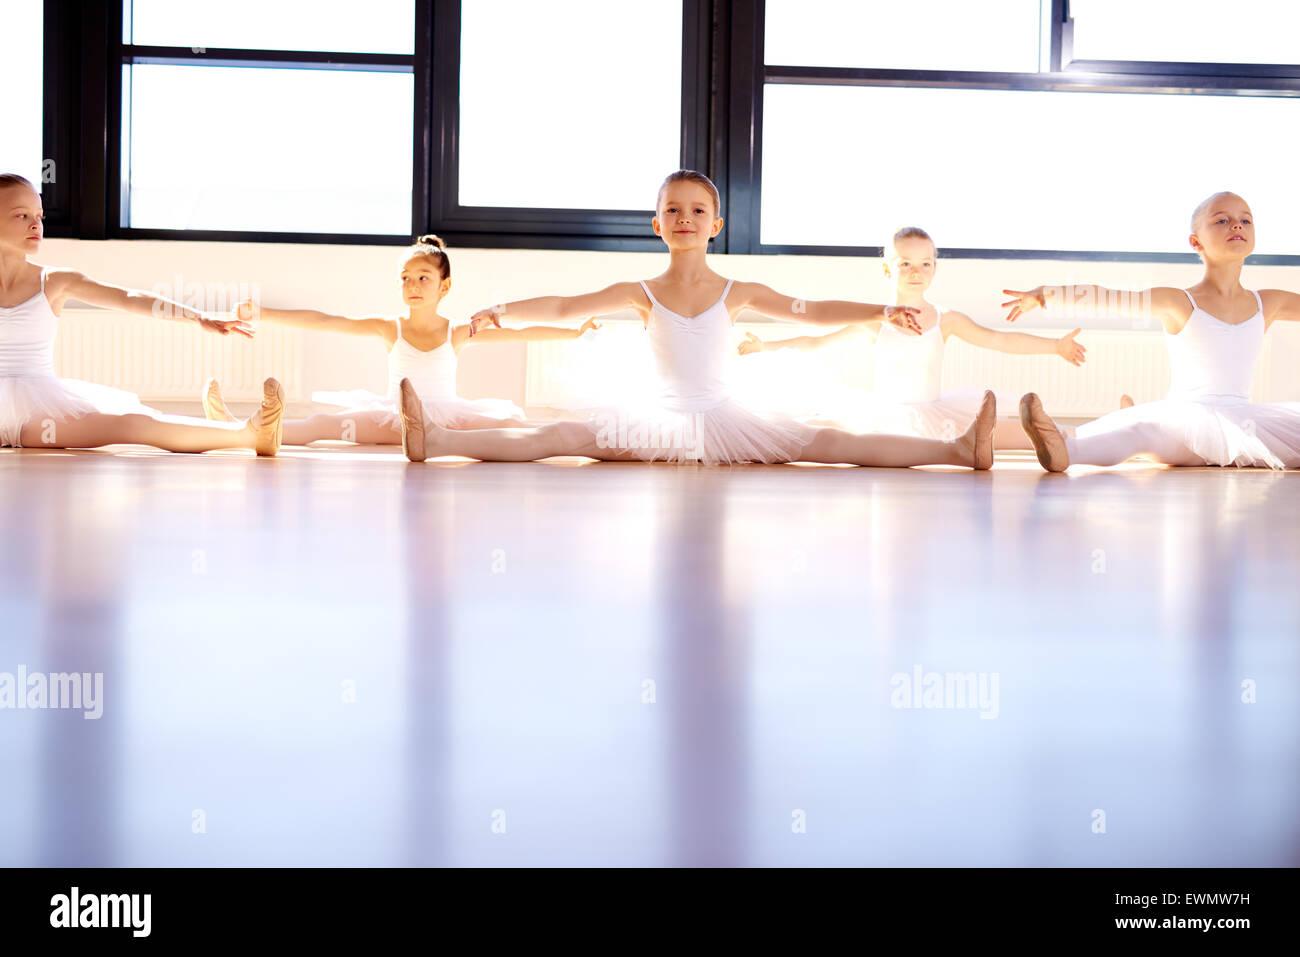 Grupo de niñas en un estudio de ballet vestidas de blanco tutus sentados en el suelo practicando con sus brazos Imagen De Stock